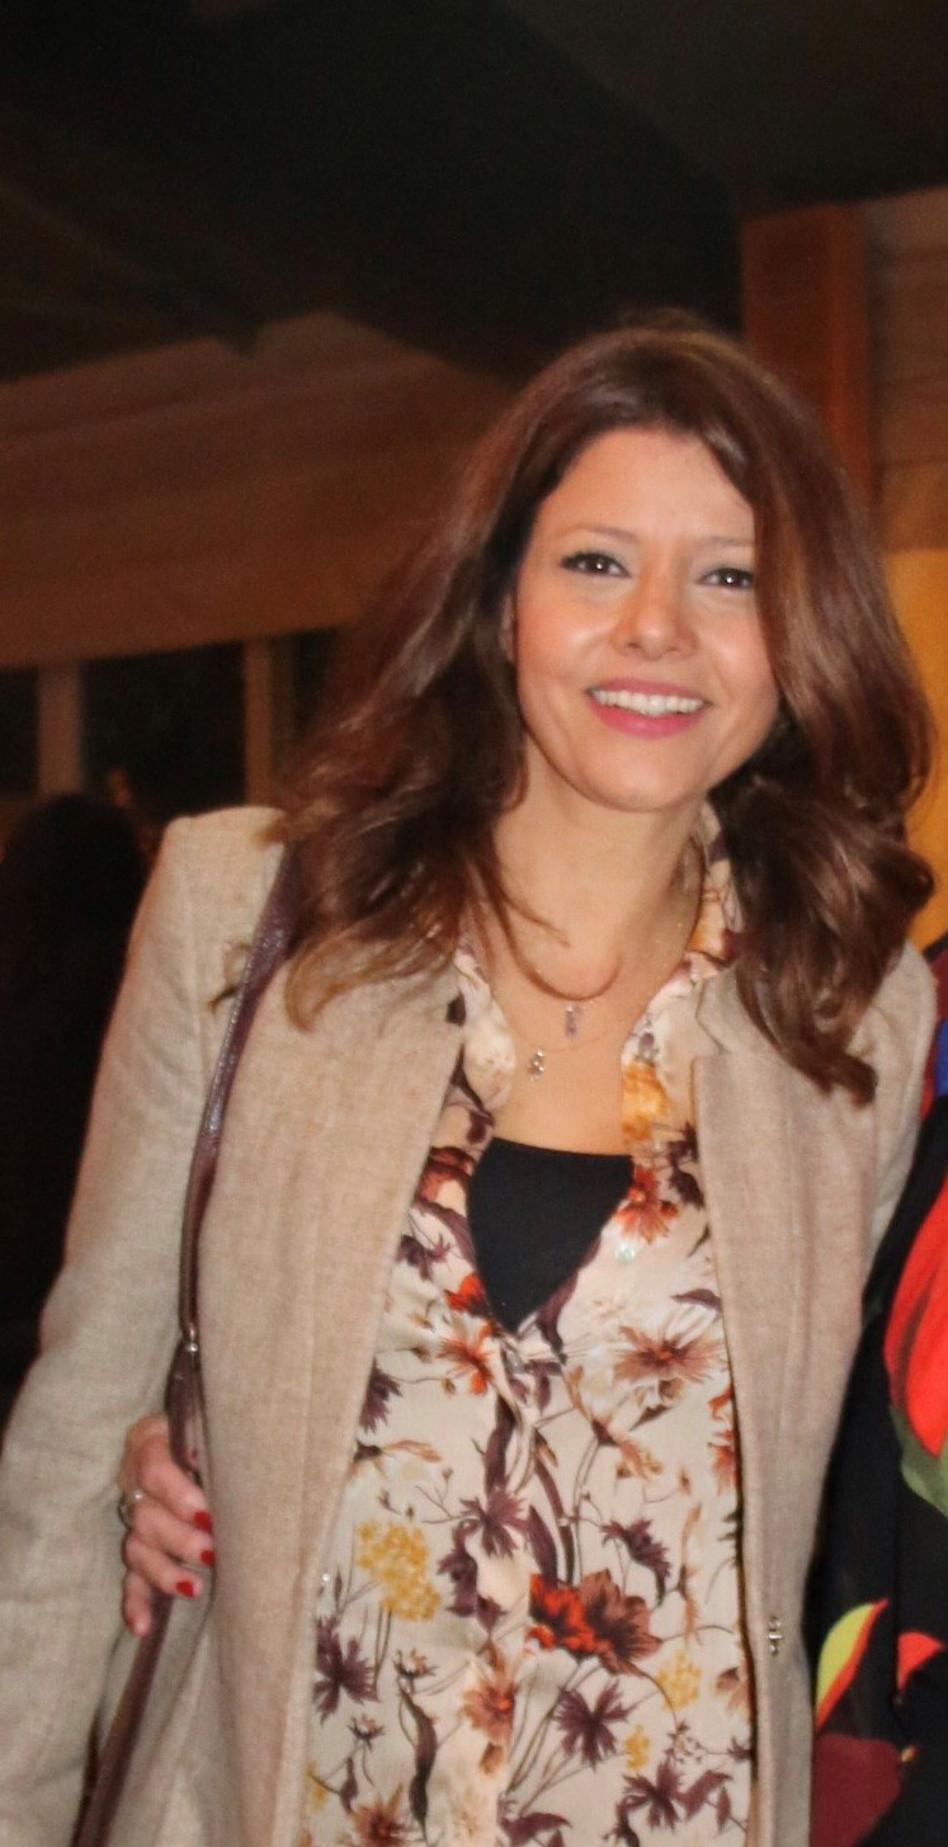 אורלי לוי אבוקסיס (צילום: דוברות בית החולים לוינשטיין)